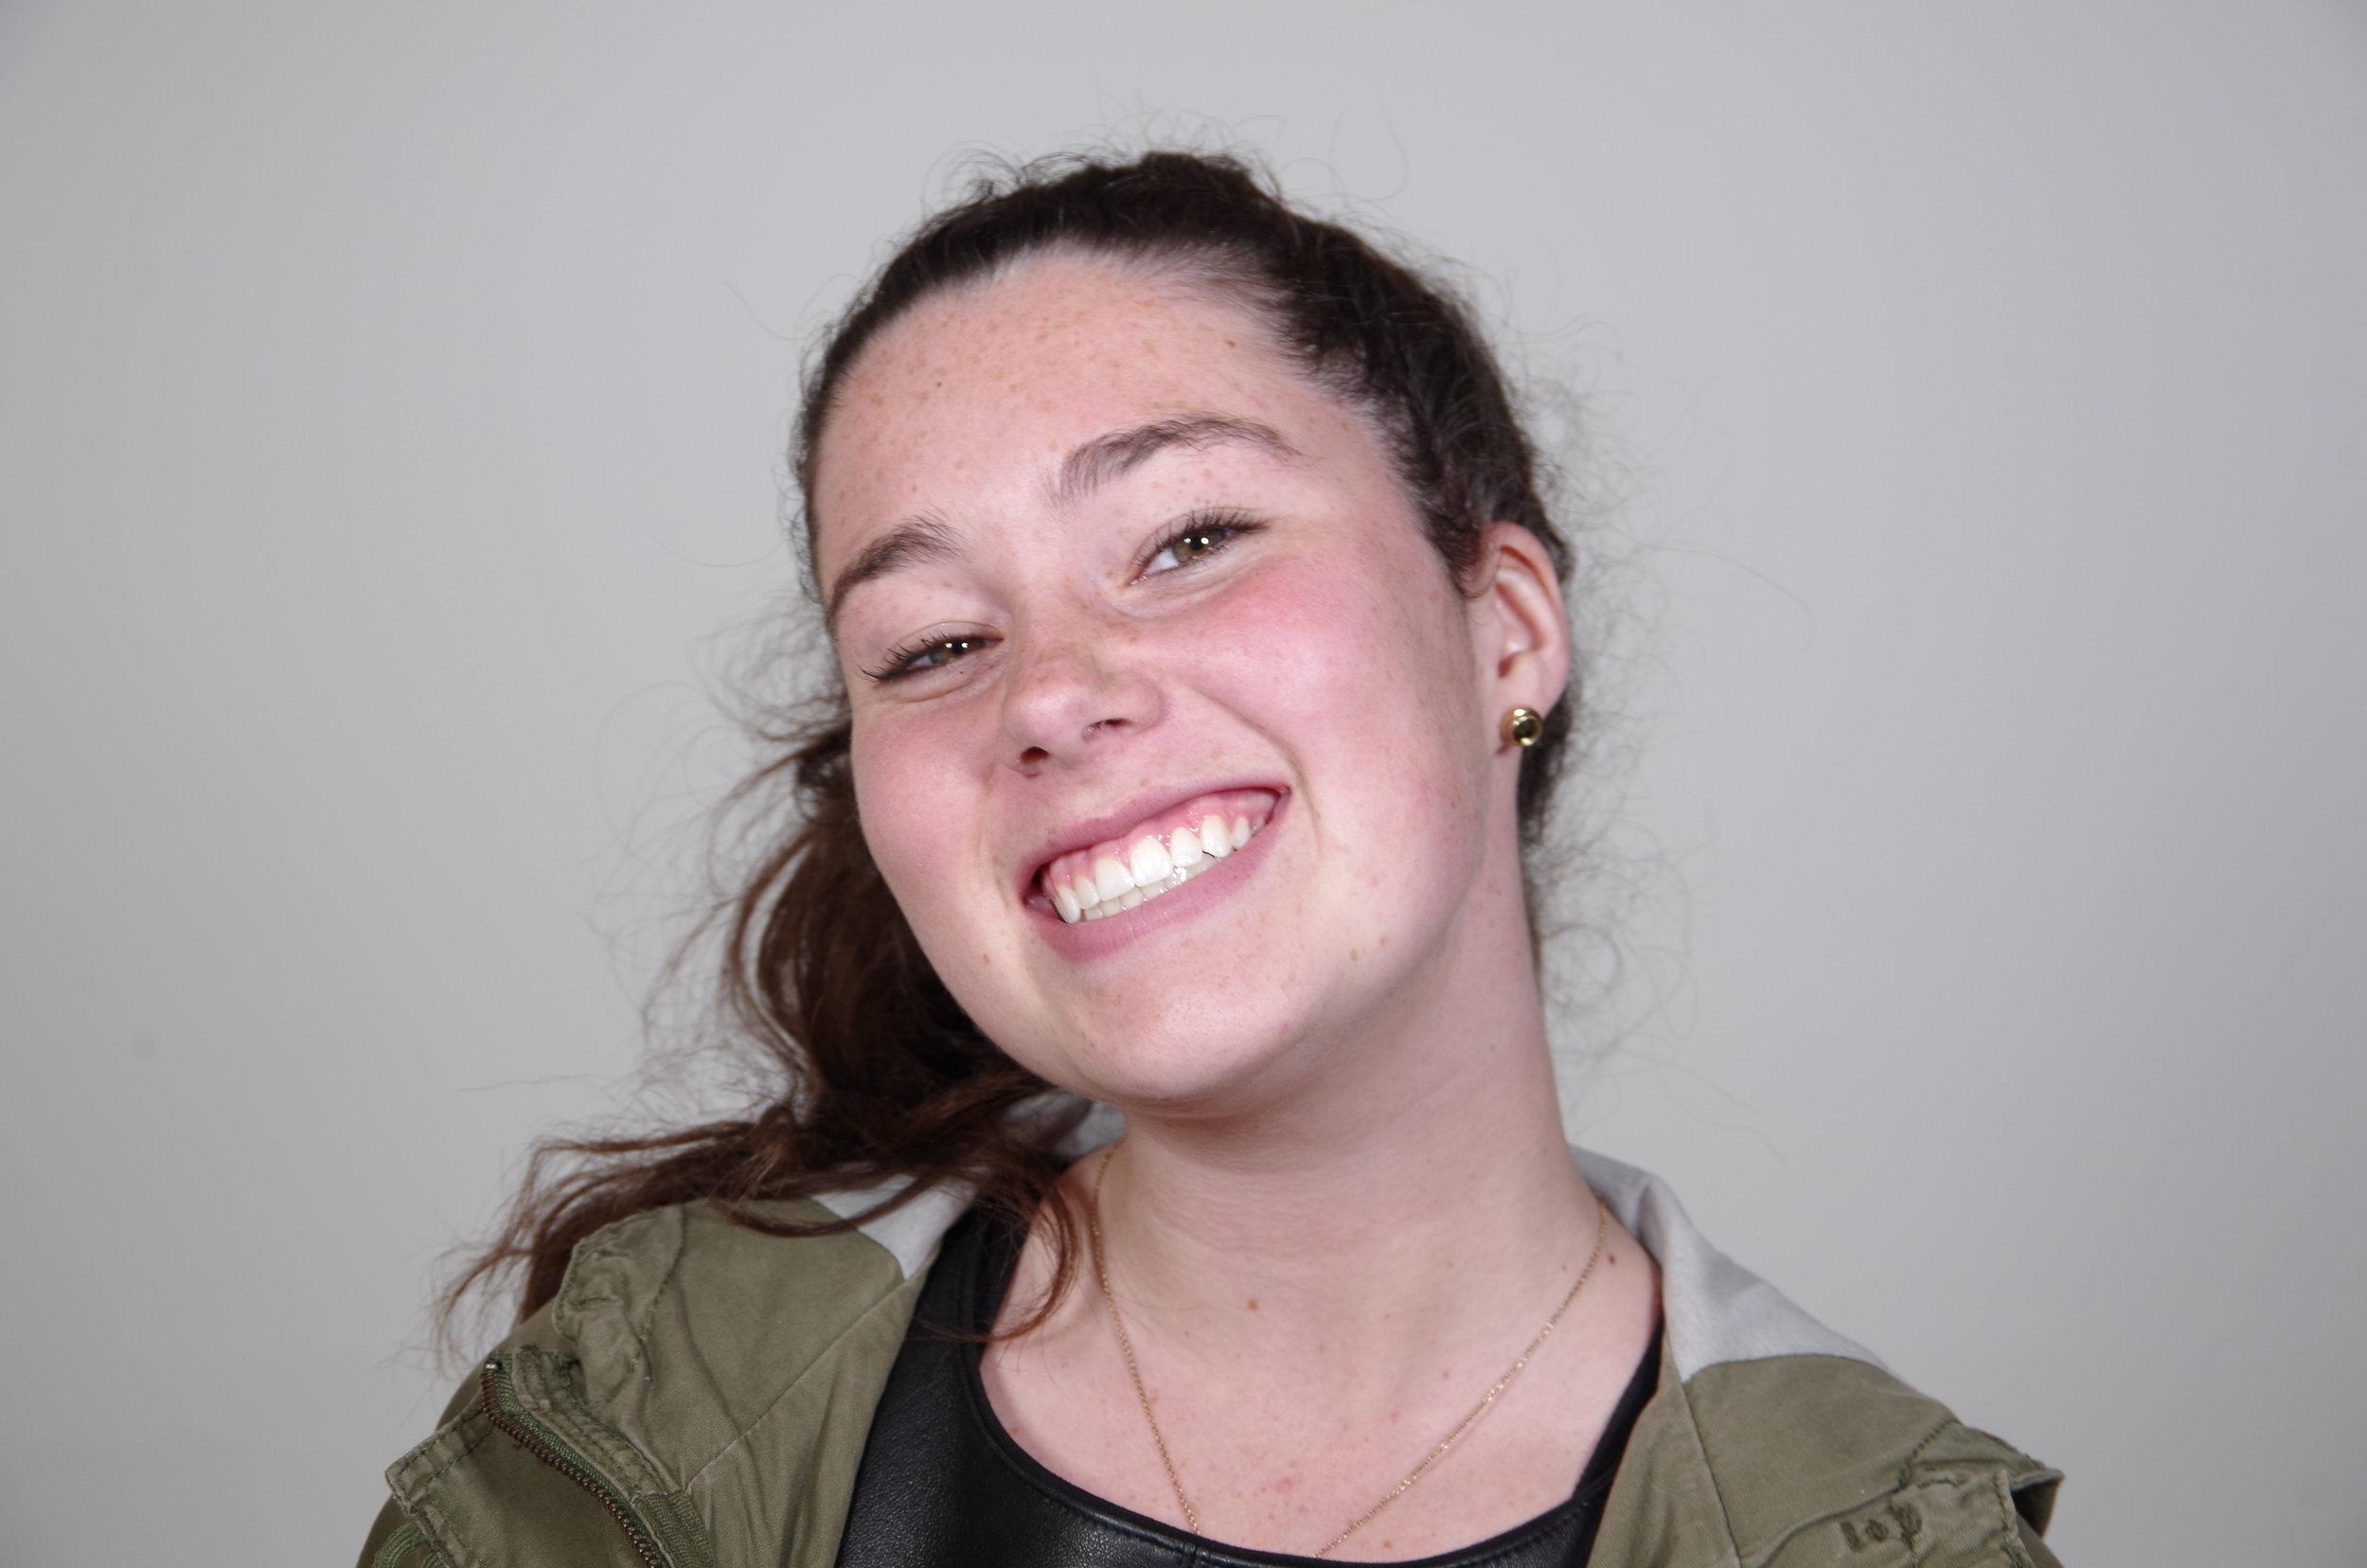 alexa nielson - copy editor